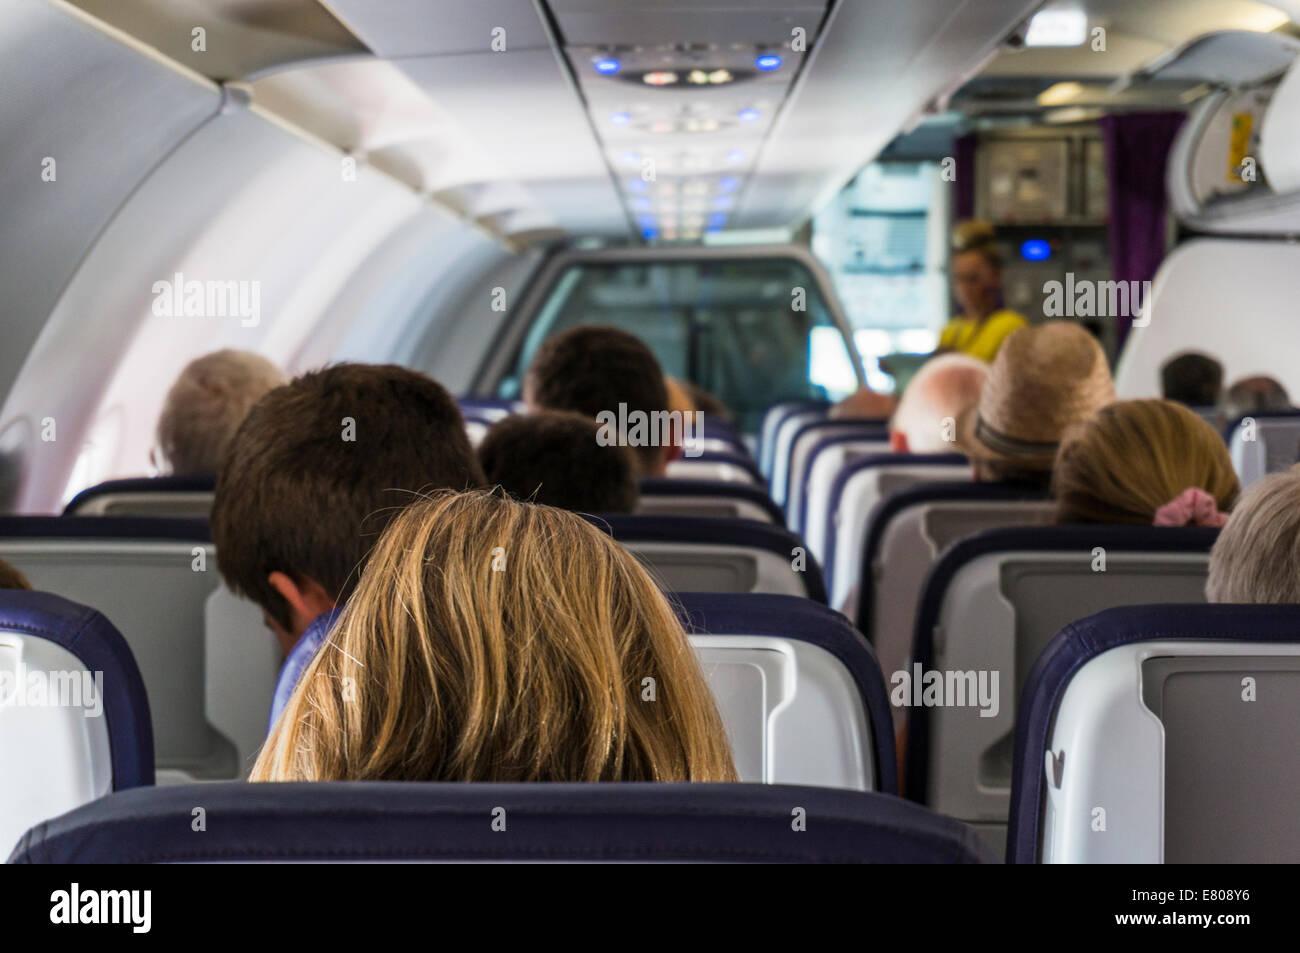 lintrieur le long de la dun monarque de lavion airbus a320